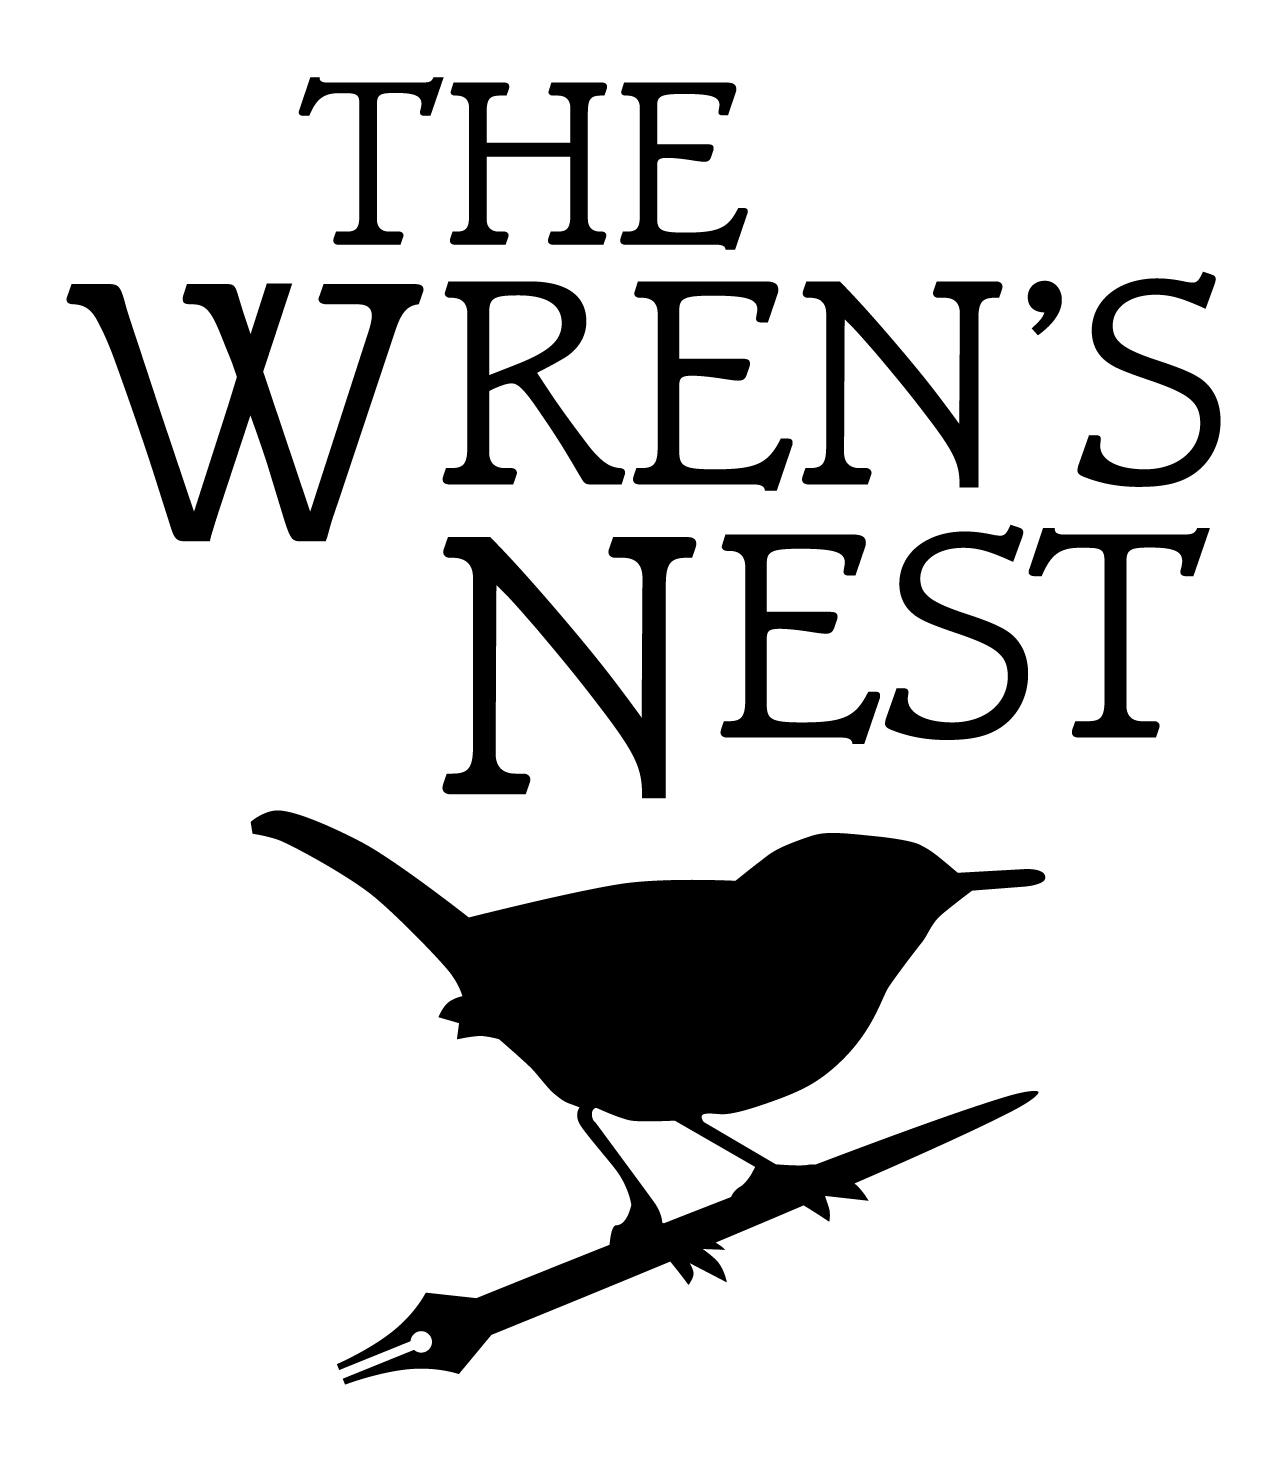 The-Wren's-Nest-logo _prt.jpg